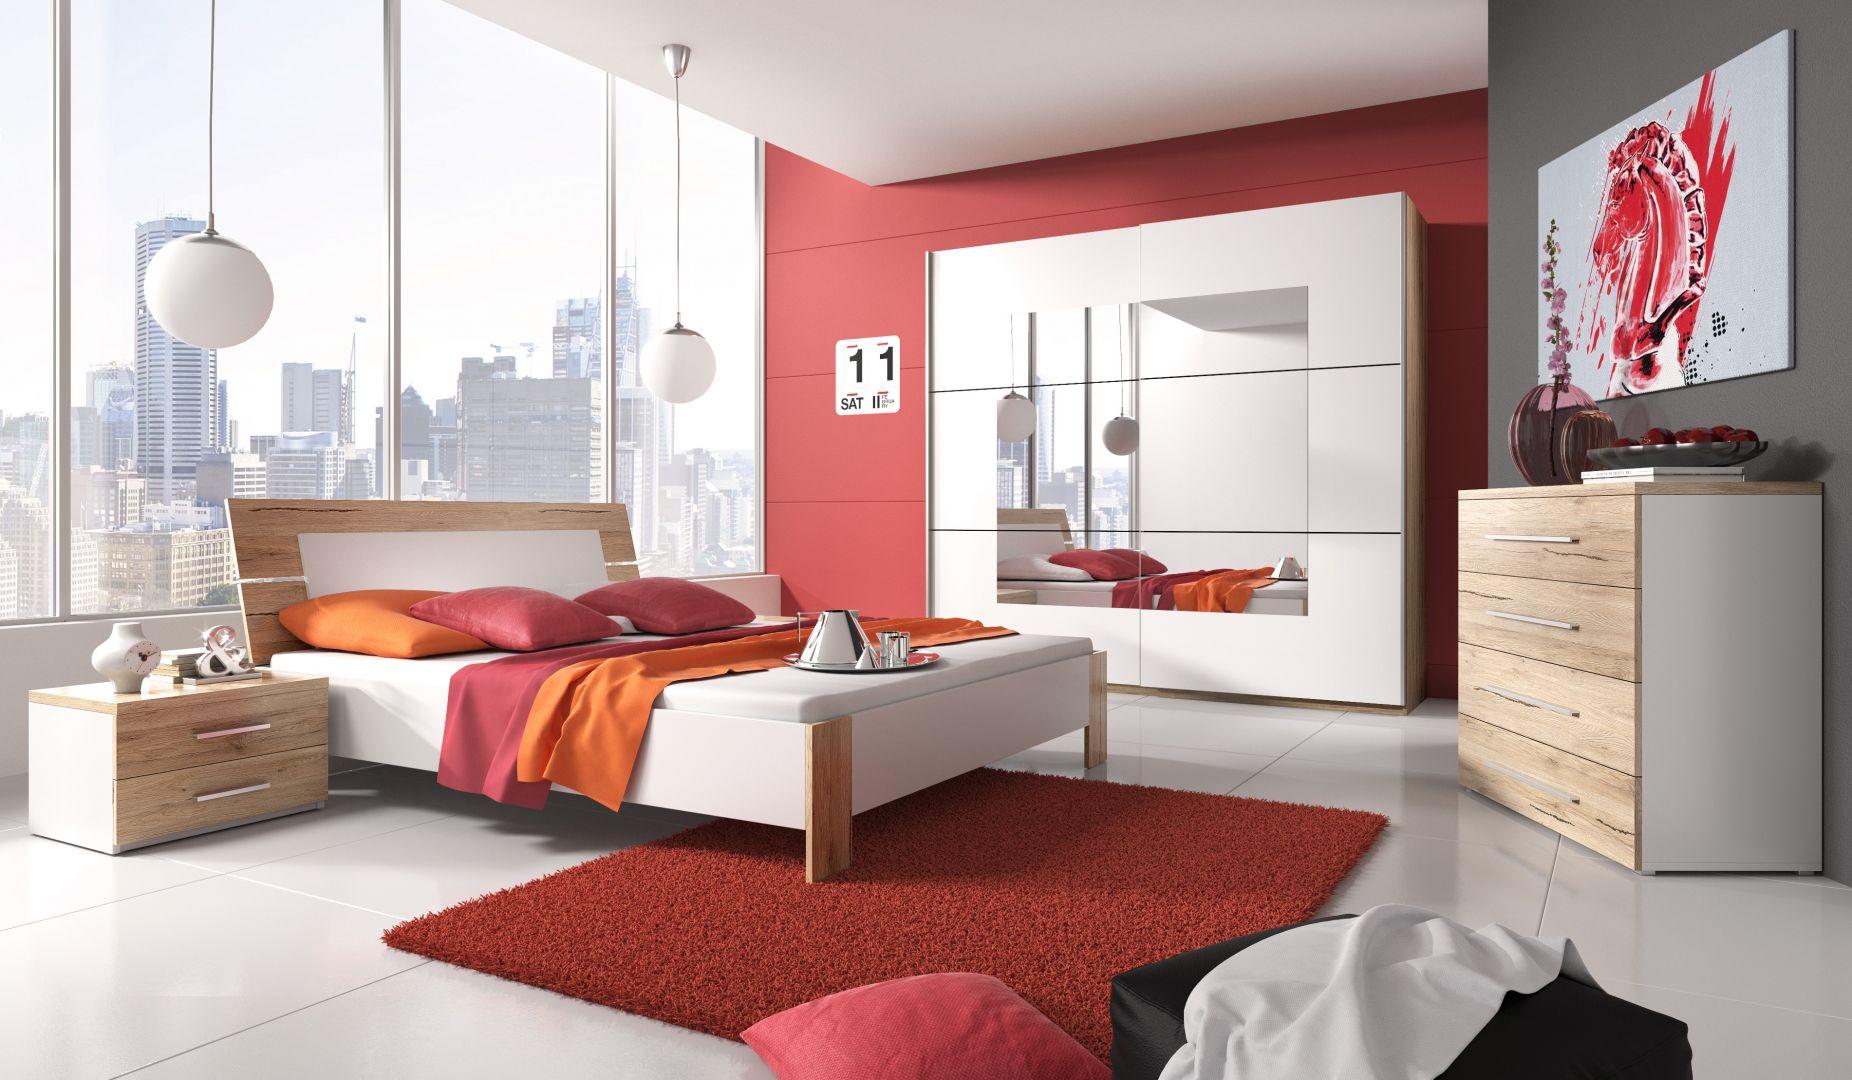 Meble do sypialni Beta w połączeniu dekoru san remo jasne oraz barwy białej. Kolekcja jest nowoczesna, ale nie brak jej też przytulności. Fot. Helvetia Wieruszów